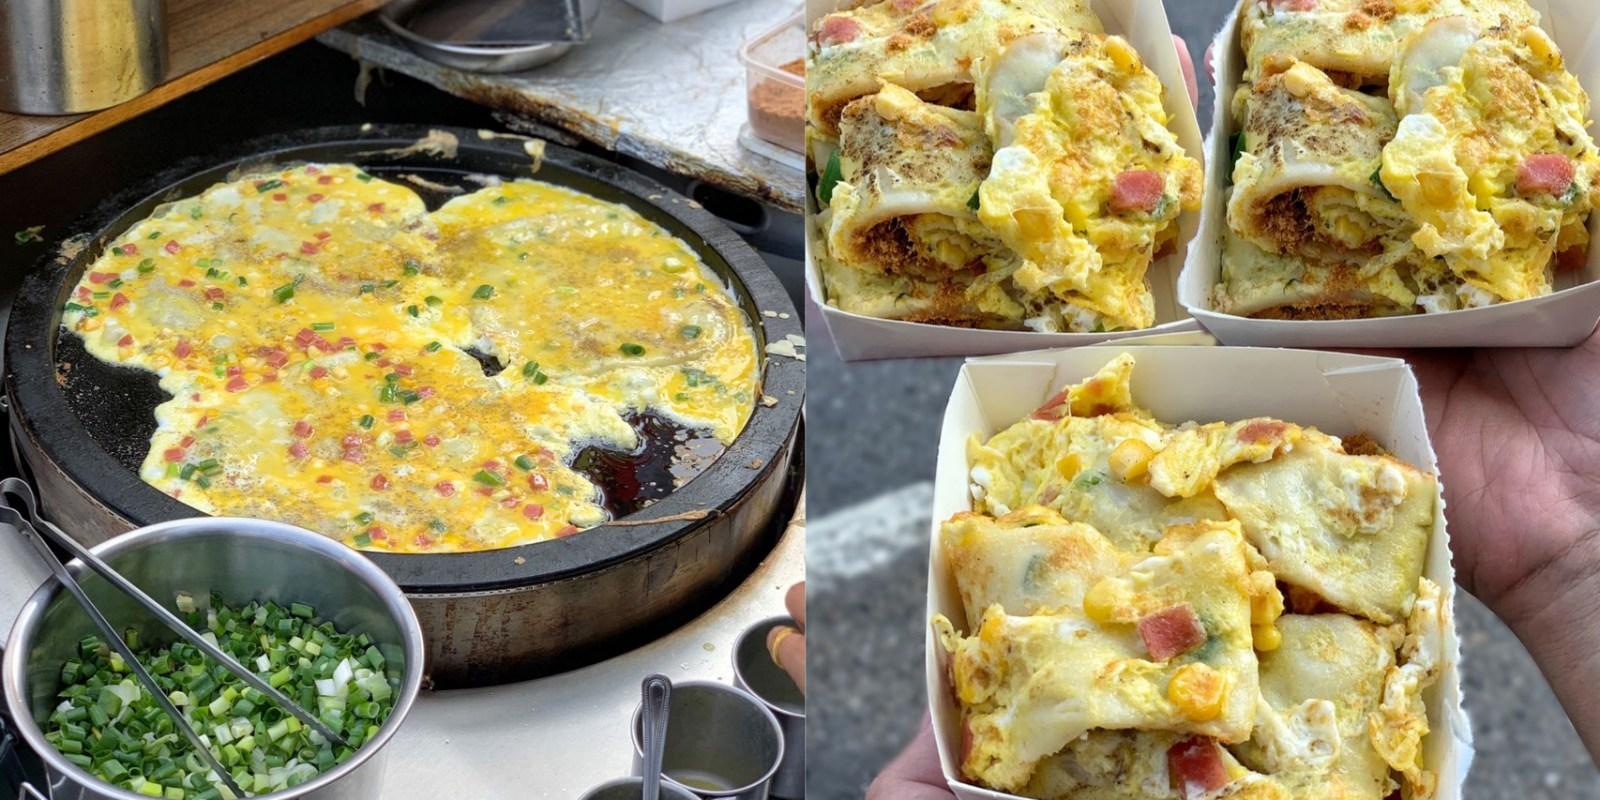 【苗栗美食】頭份新開幕『古早味傳統蛋餅』,下午茶、晚餐時段也能吃到美味的粉漿蛋餅!(興隆路上25年早餐店)